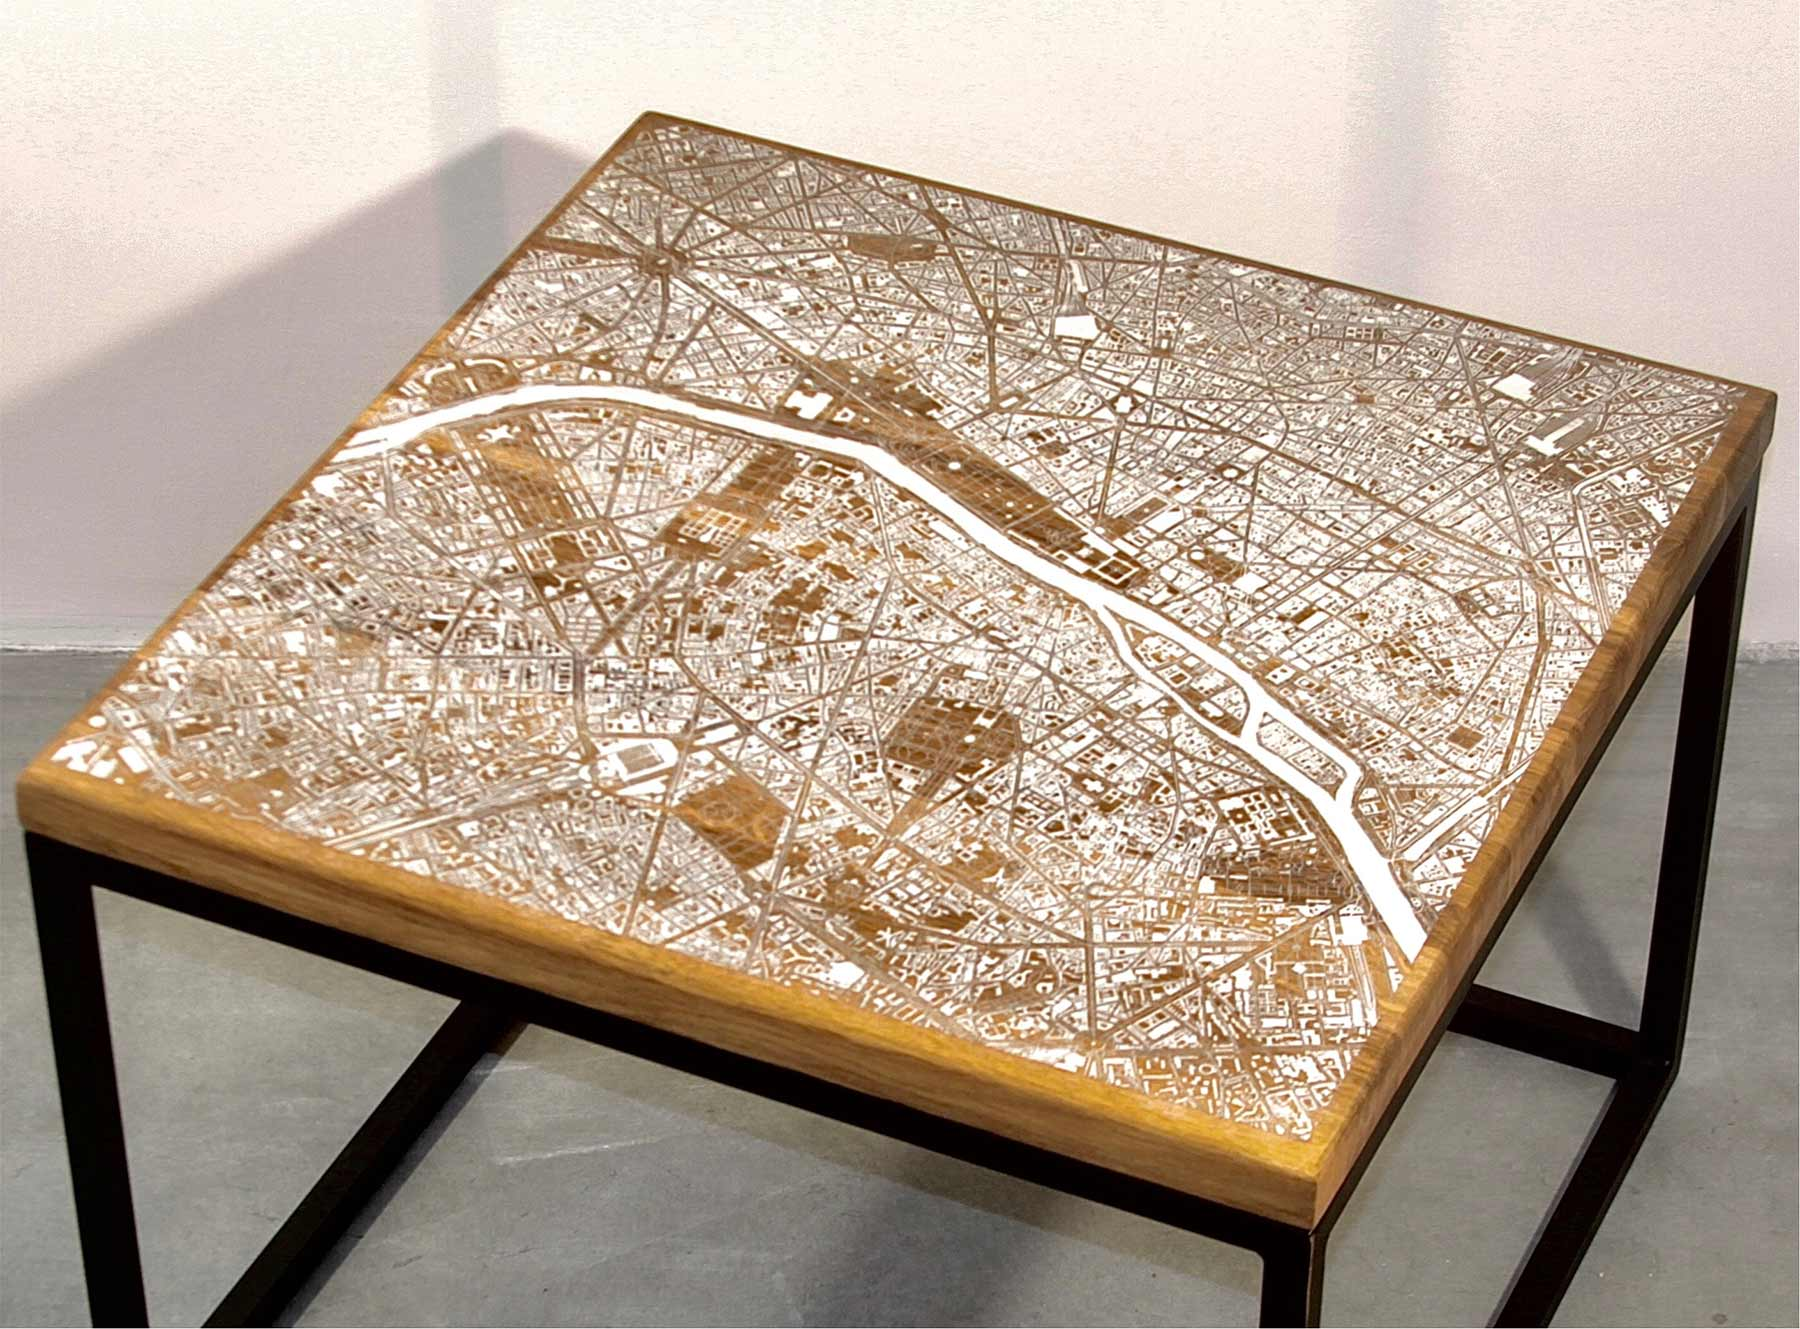 Tische mit eingravierten Stadtkarten Tische-mit-gravierten-stadtkarten_06